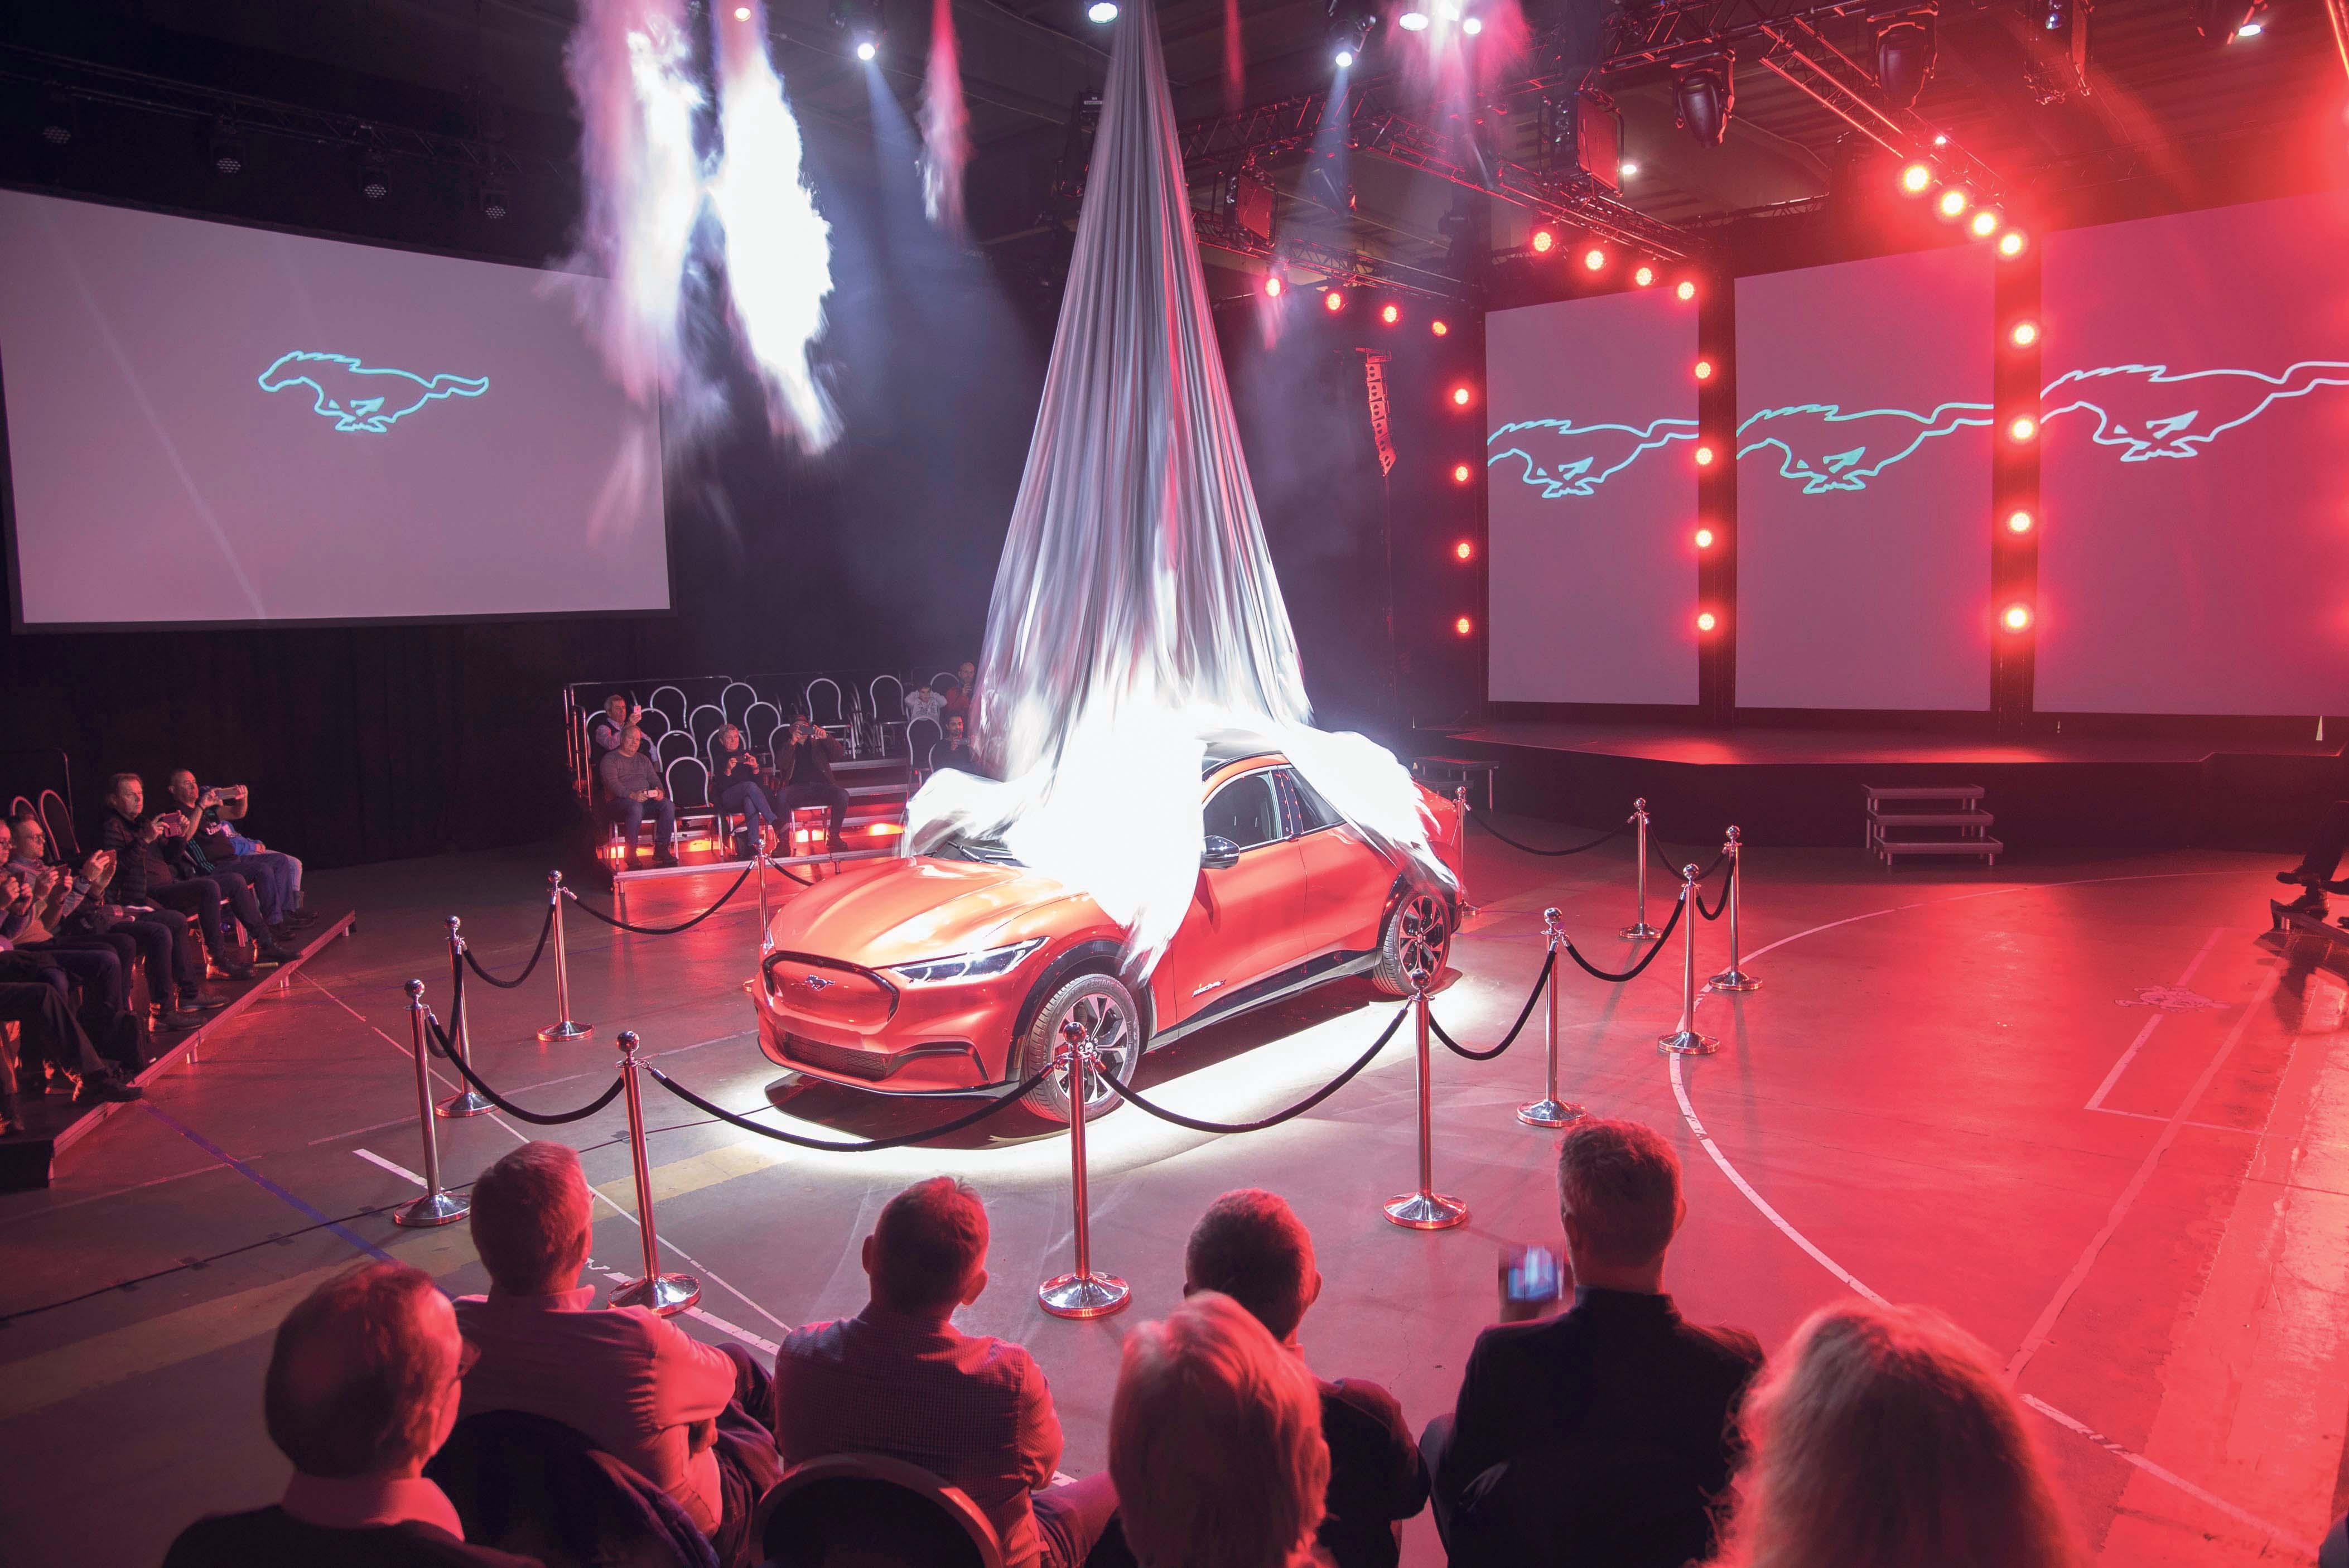 SANNHETENS ØYEBLIKK: I En Orgie Av Lyd, Lys Og Røyk Ble Splitter Nye Mustang Mach-E Presentert For Et Begeistret Publikum På Tjuvholmen I Oslo.